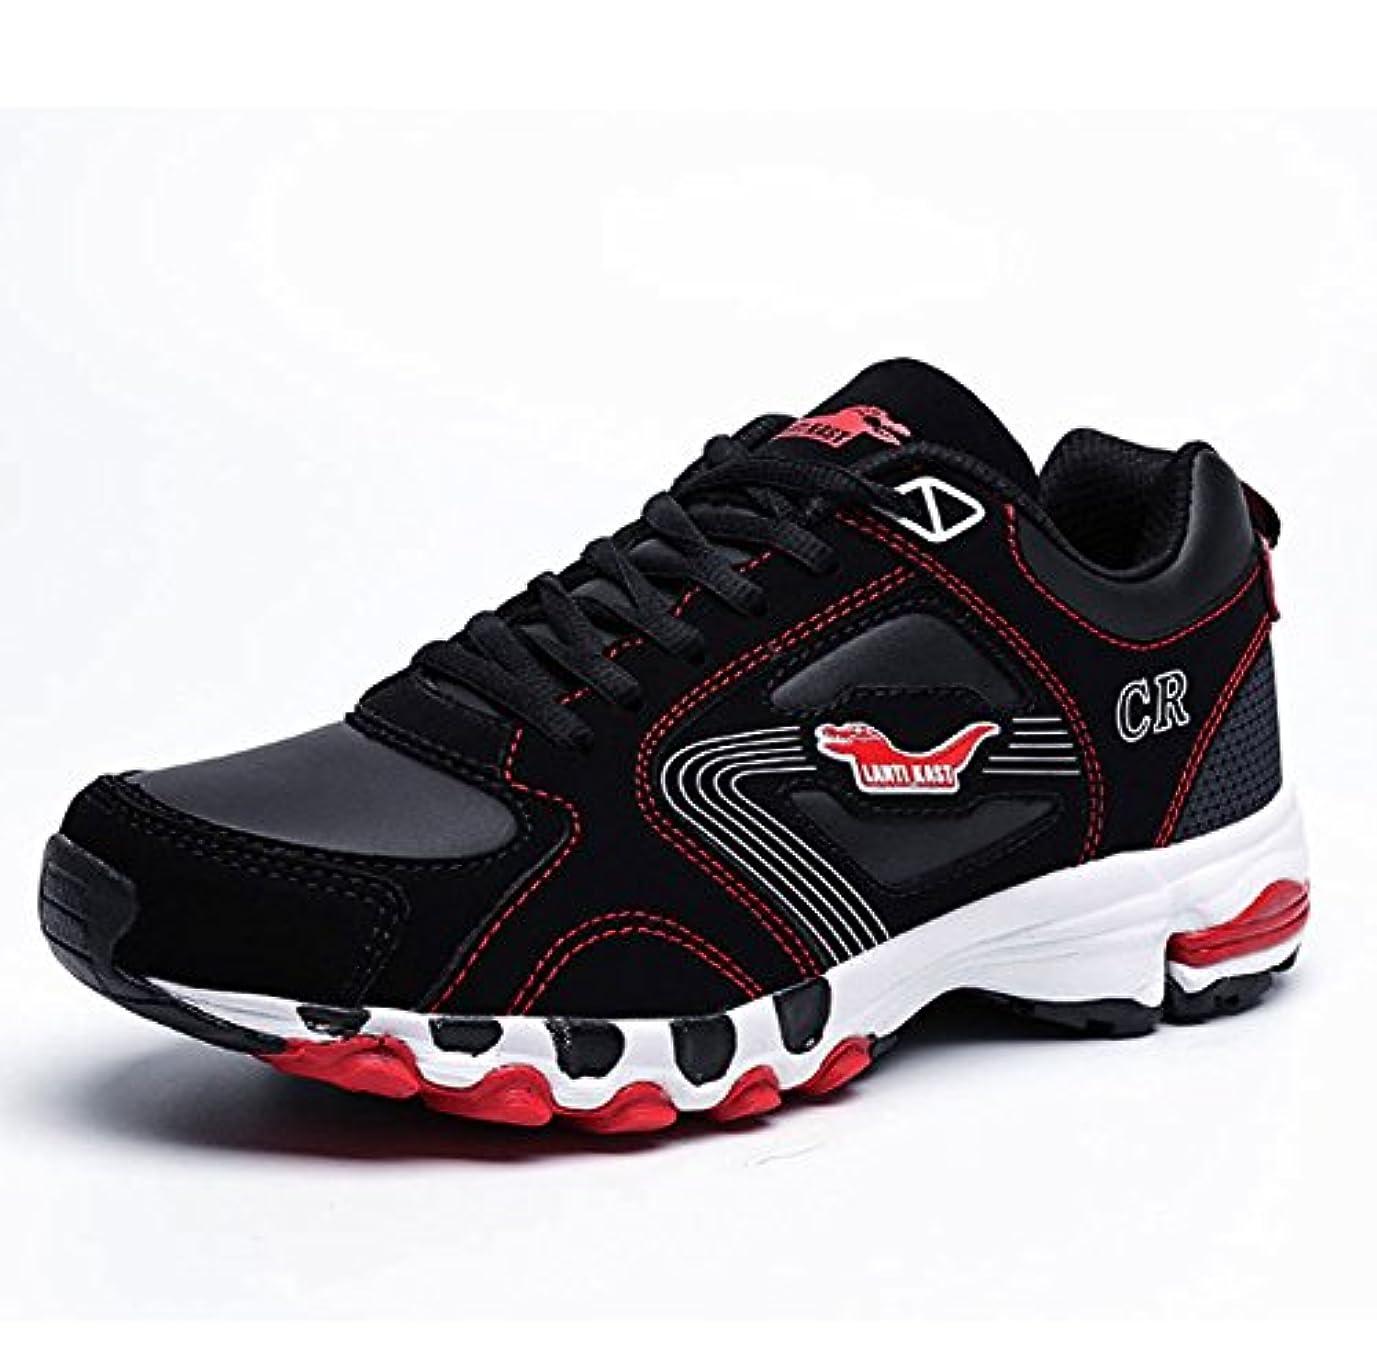 緯度指定義務的スニーカー ランニングシューズ軽量メンズ/レディース防滑登山靴 トレッキングシューズ ハイキングシューズ 運動靴 歩きやすいハイキング スポーツシューズアウトドア2018人気スニーカーカップル男女兼用 (23.5cm, レッド)